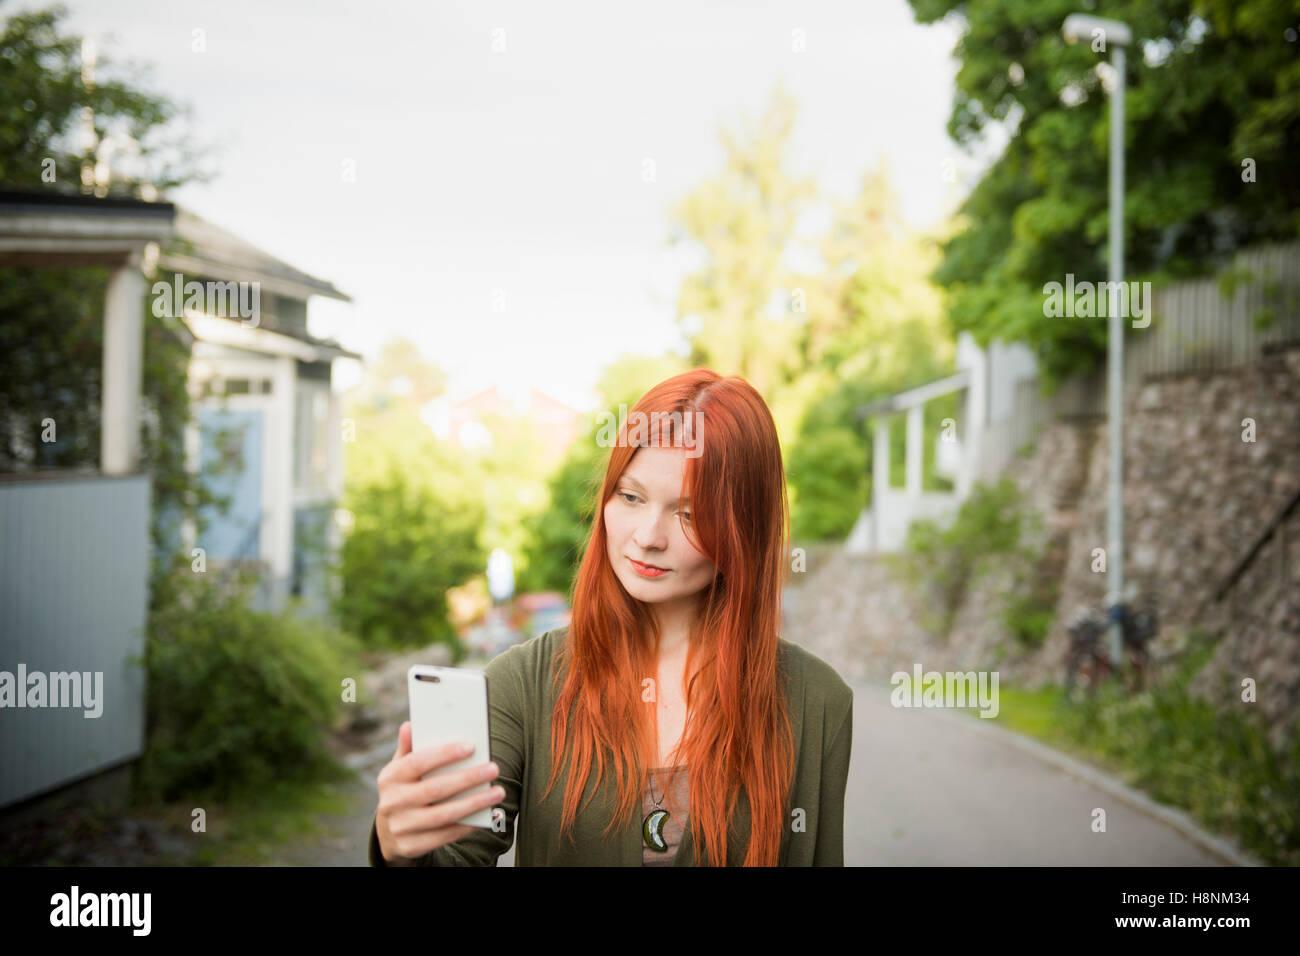 Redhaired donna usando il telefono Immagini Stock